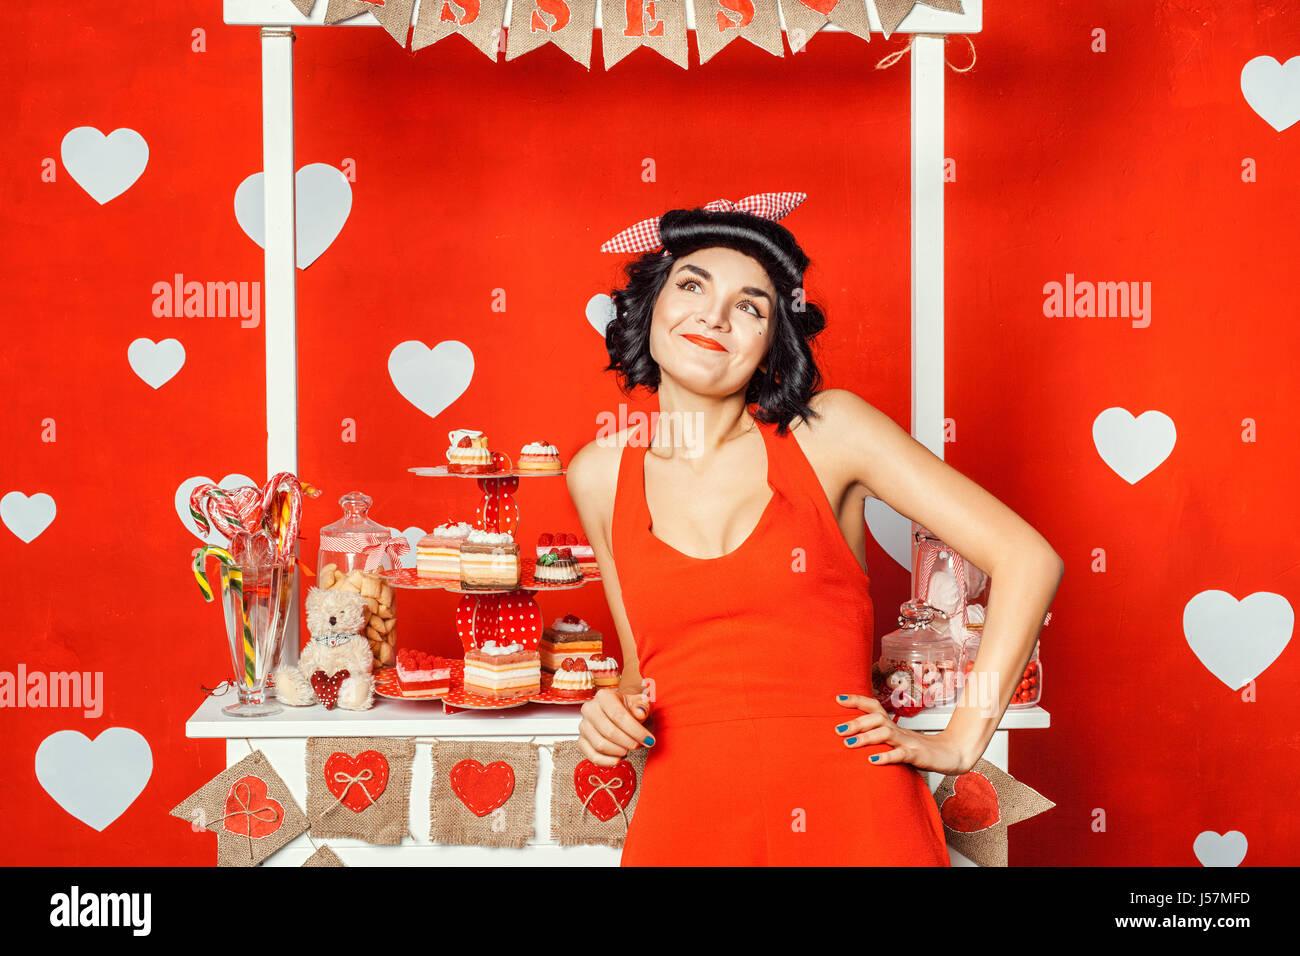 Una donna in piedi vicino al chiosco e sogni, viso sollevato e sorridente. Immagini Stock